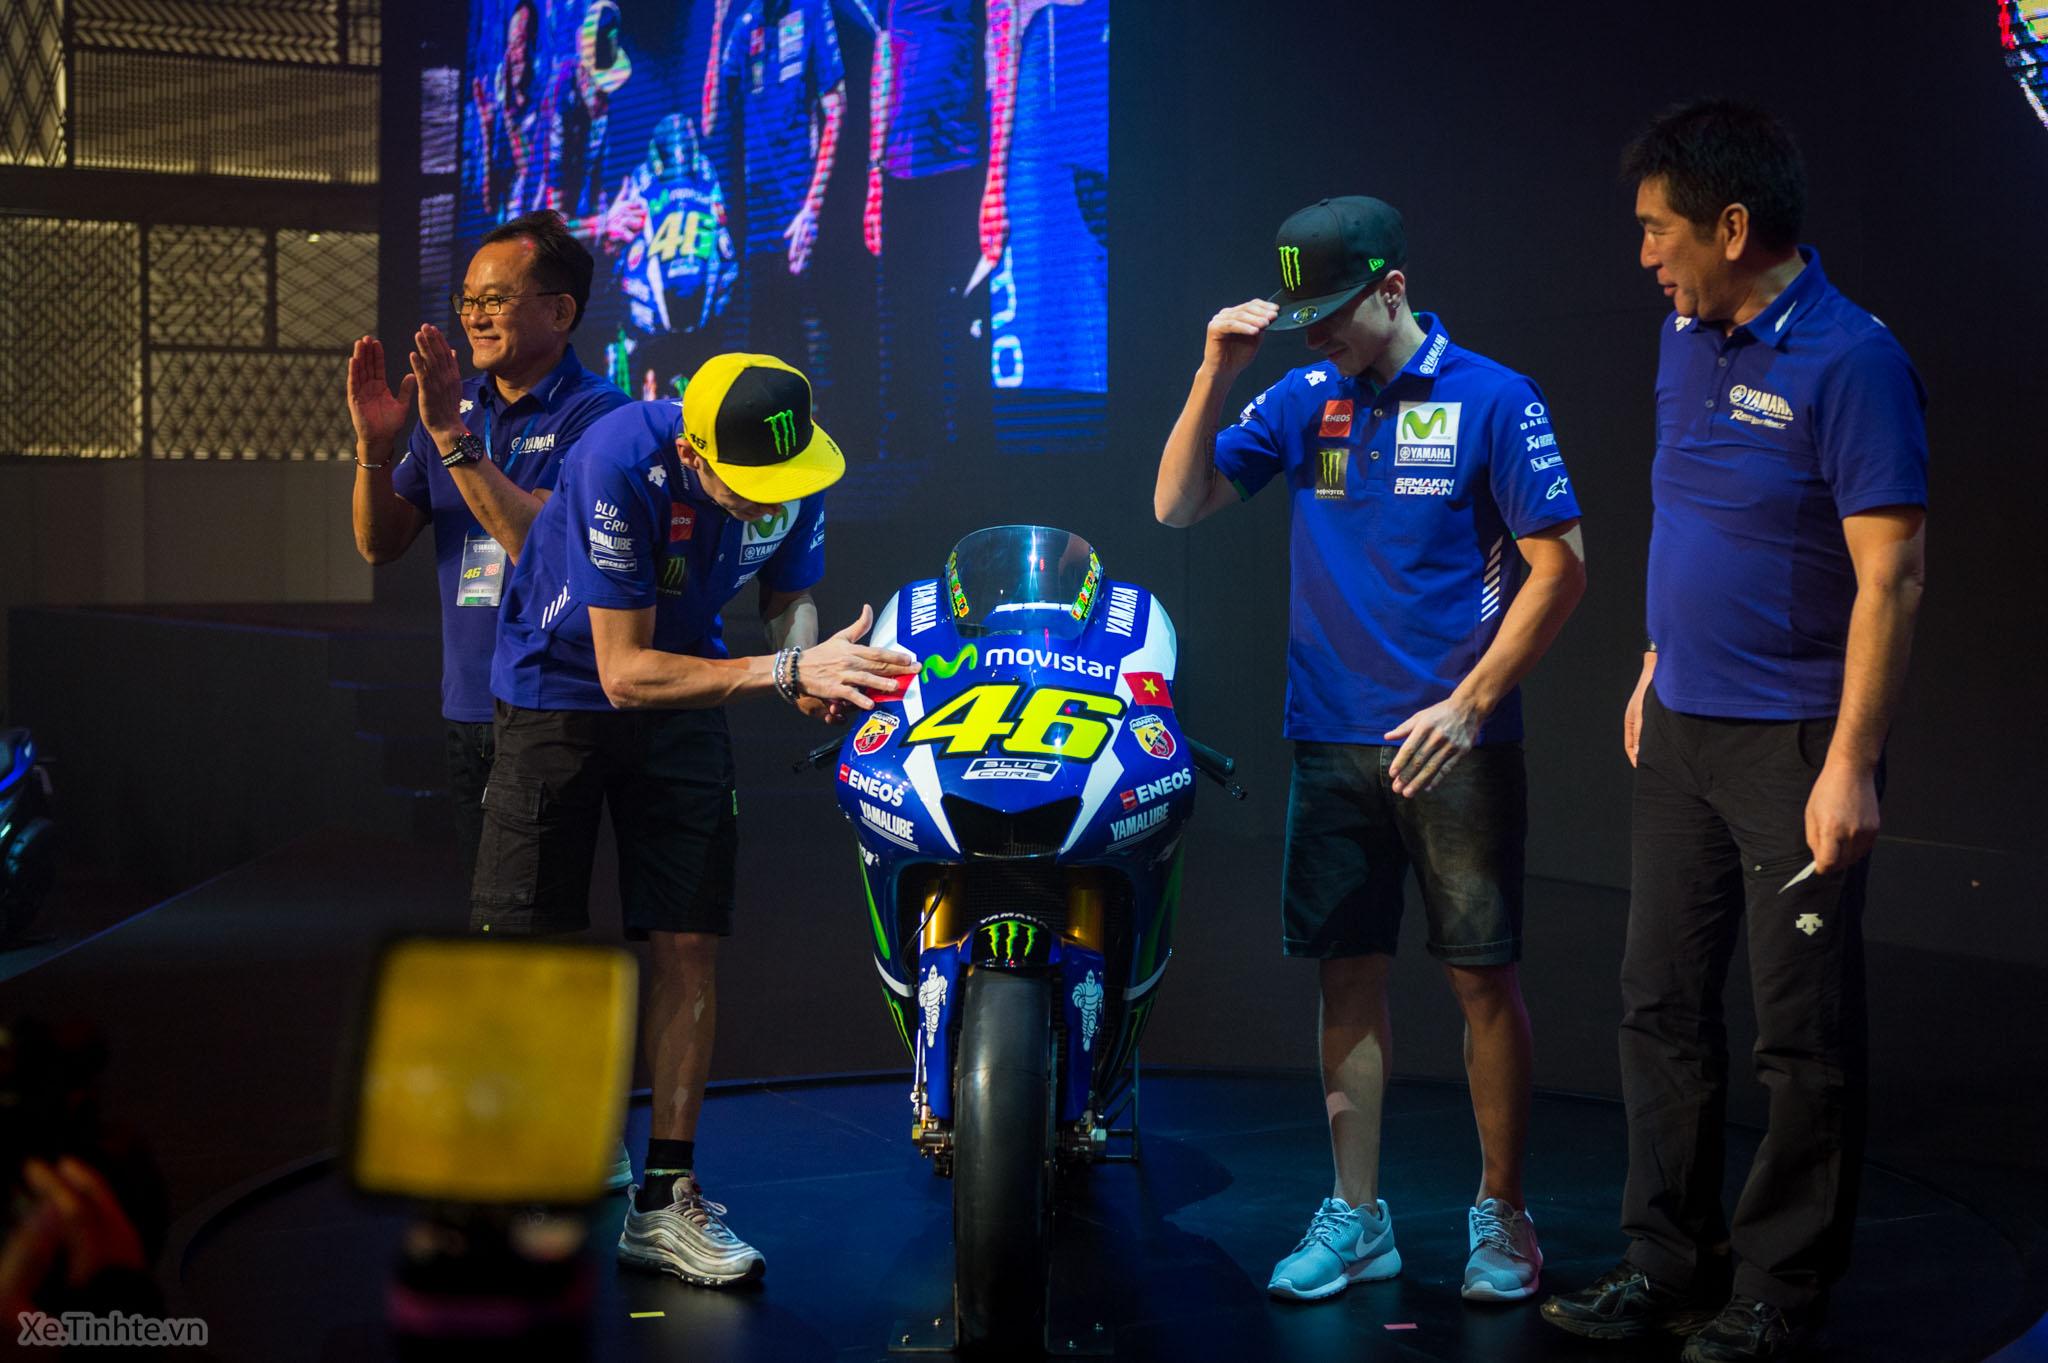 Xe.Tinhte.vn-Yamaha-Motor-Vietnam-MotoGP-1.jpg